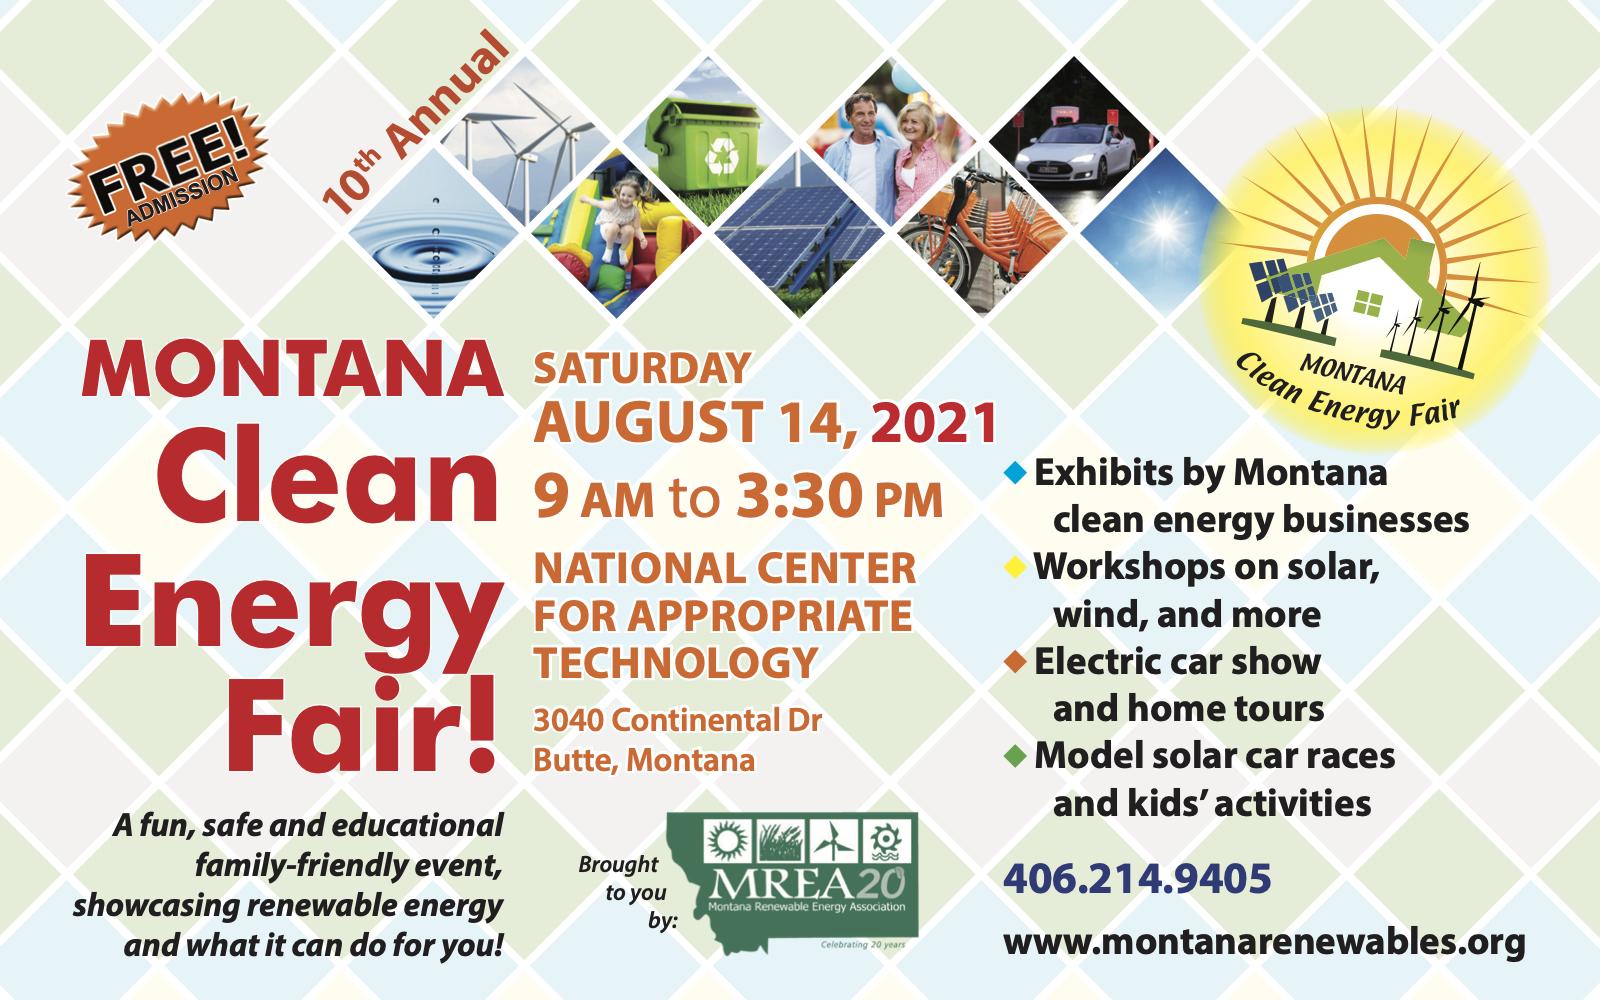 MT Clean Energy Fair 2021 postcard